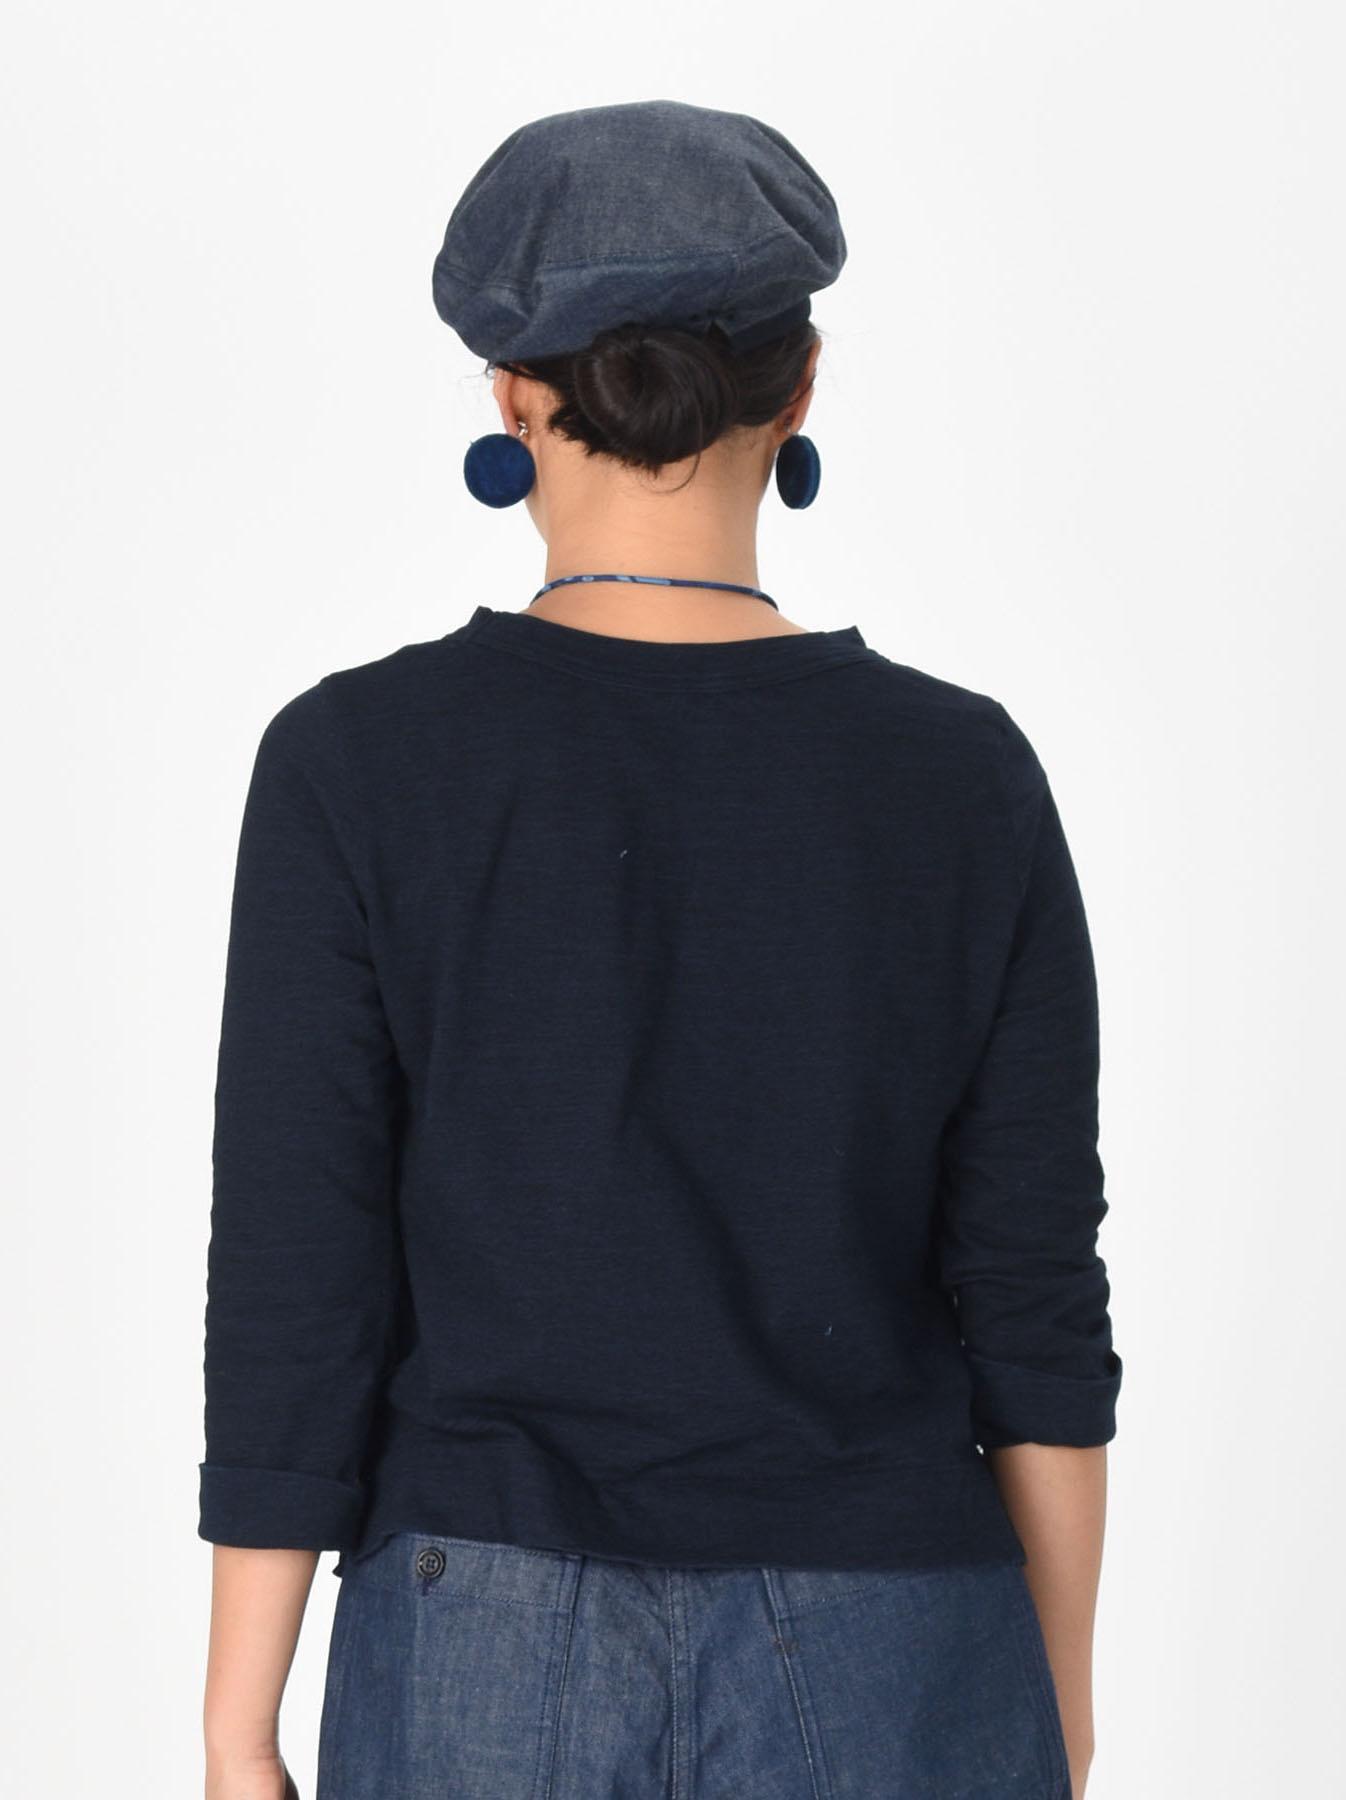 Indigo Zimbabwe Cotton Square T-shirt-5